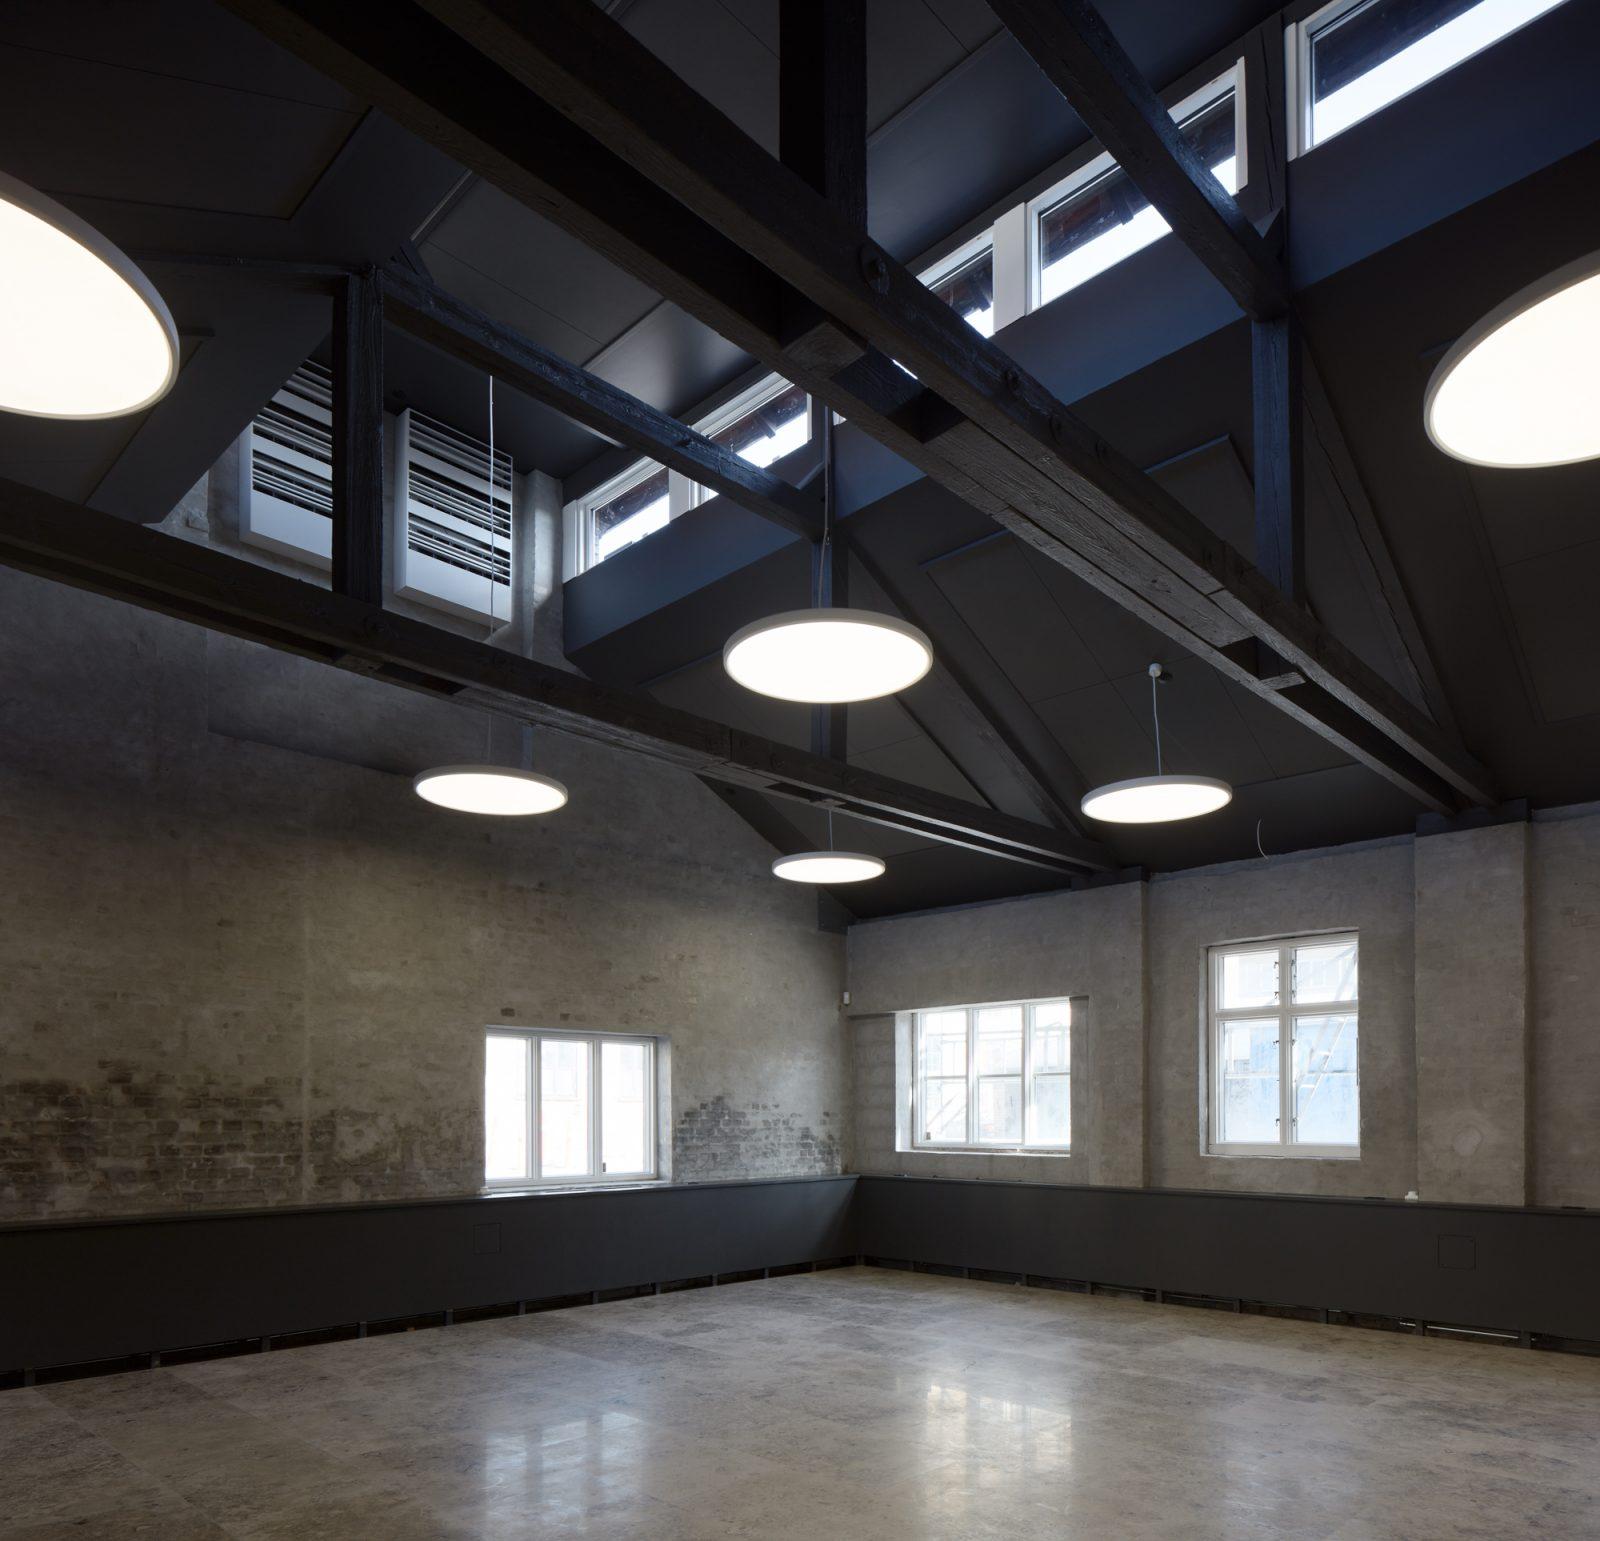 Ombygning af industribygninger til kontorer: Dortheavej 10 og 12 (kantine)